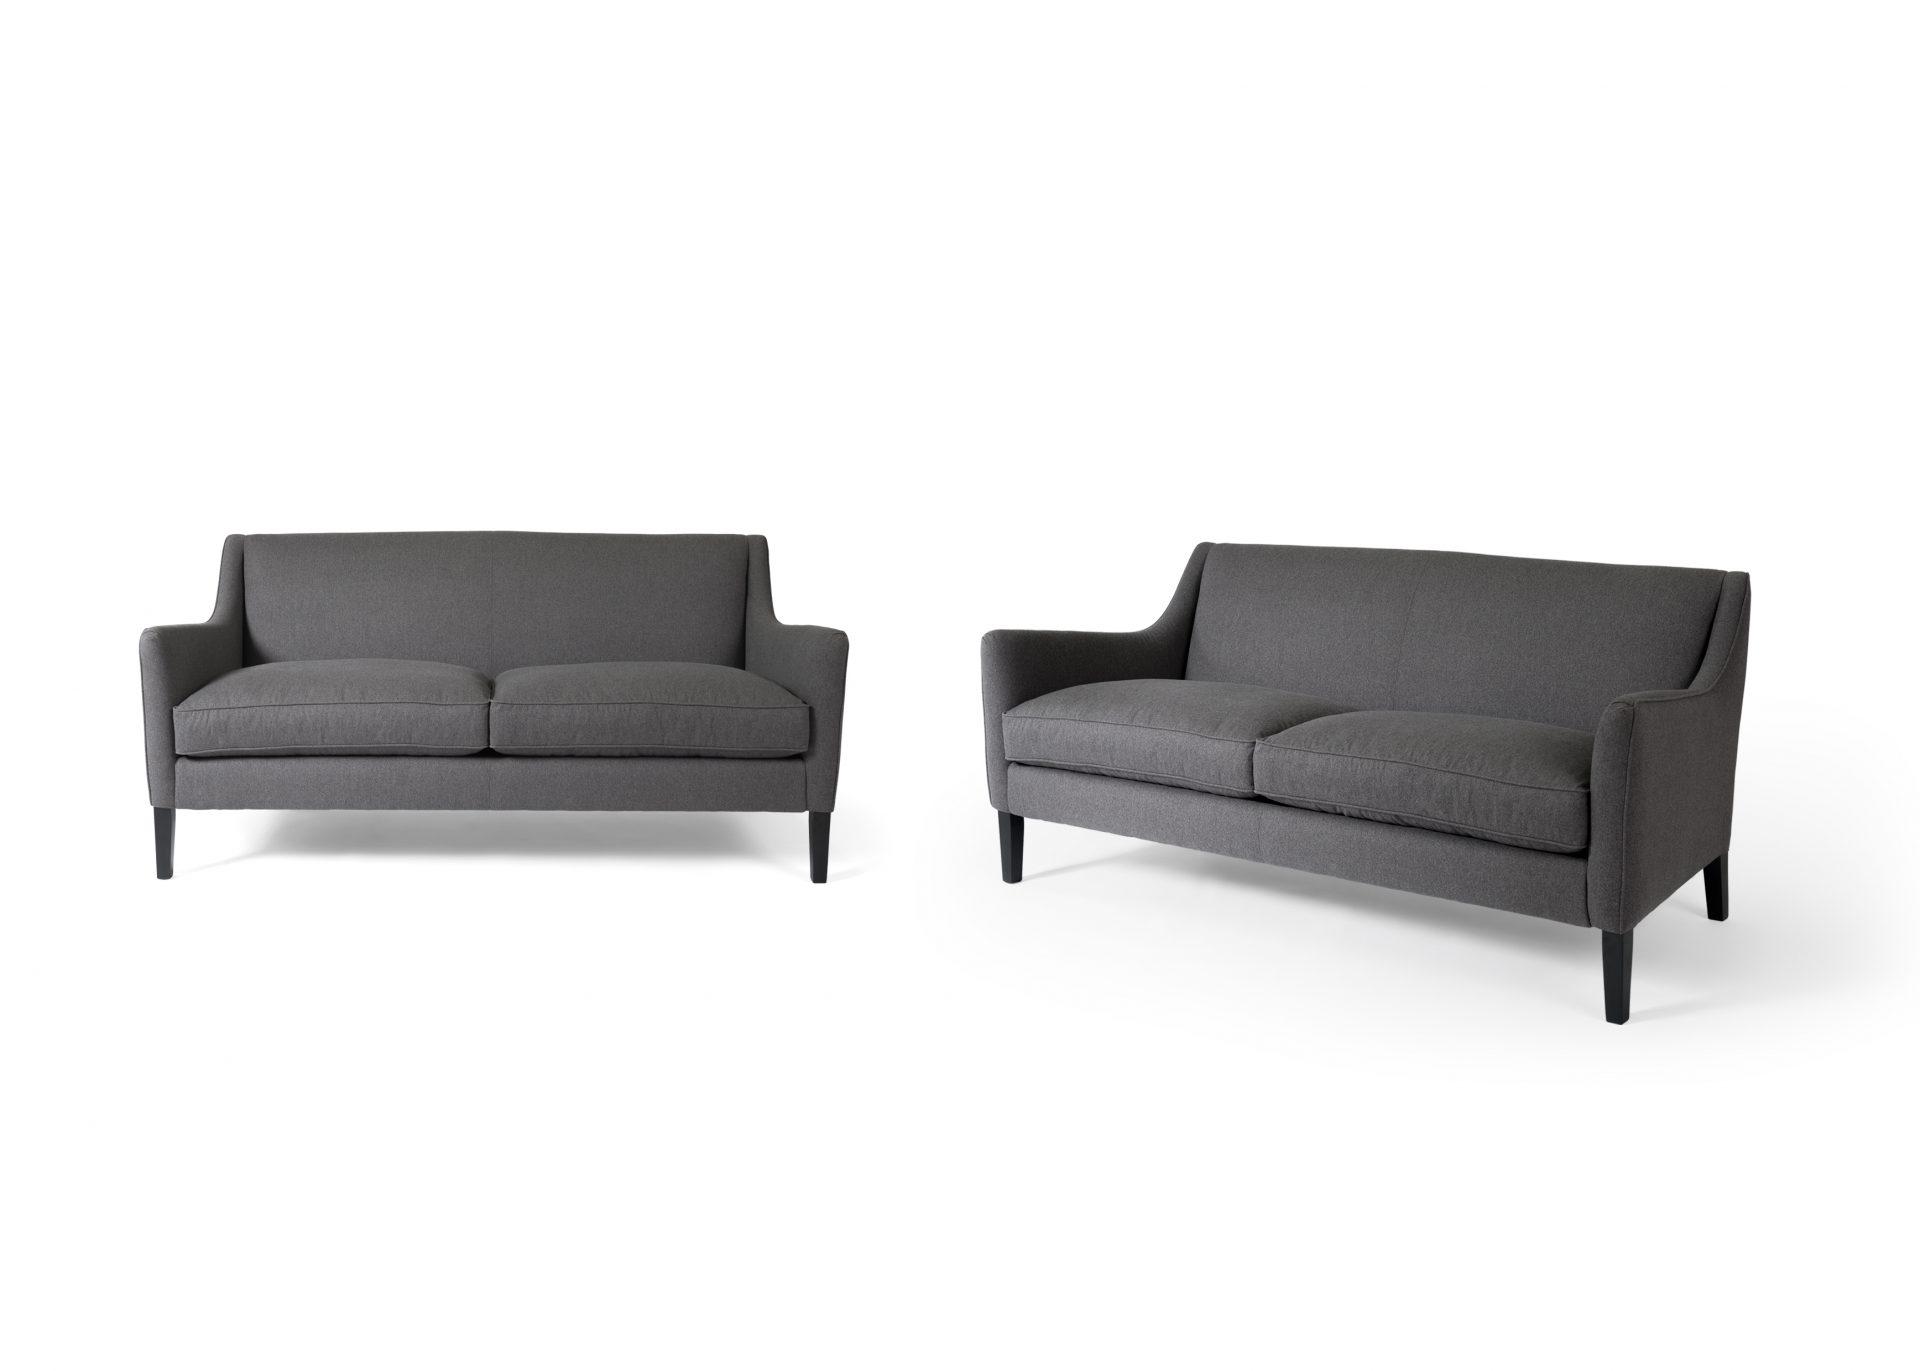 Canap initial de ralph m raphaele meubles for M meuble canape